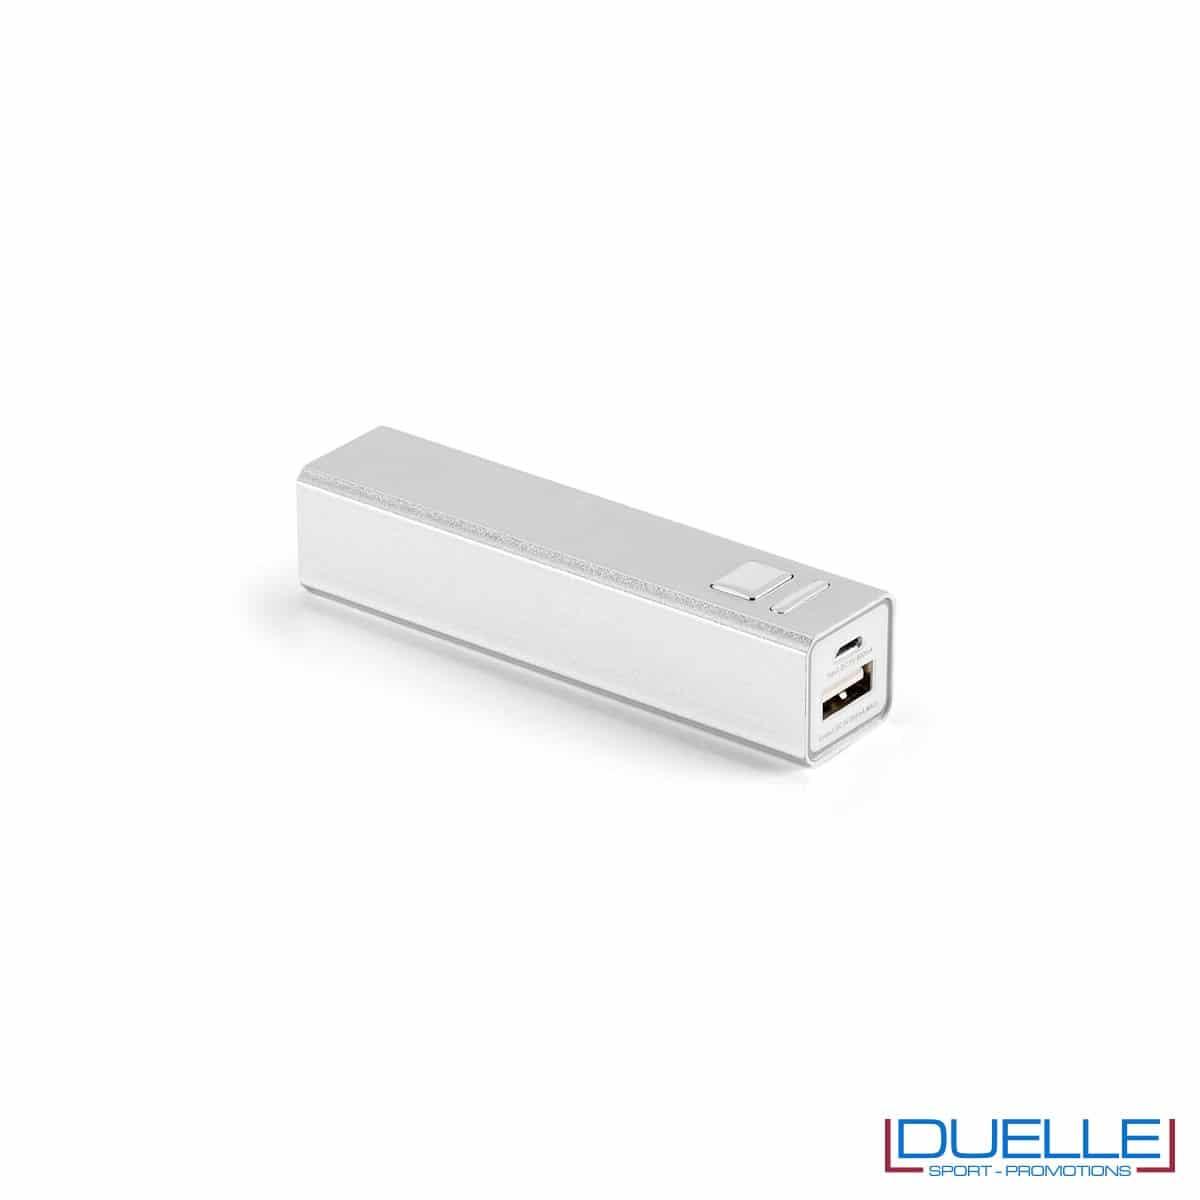 power bank personalizzato in alluminio argento con interruttore on-off, power bank personalizzati con incisione laser